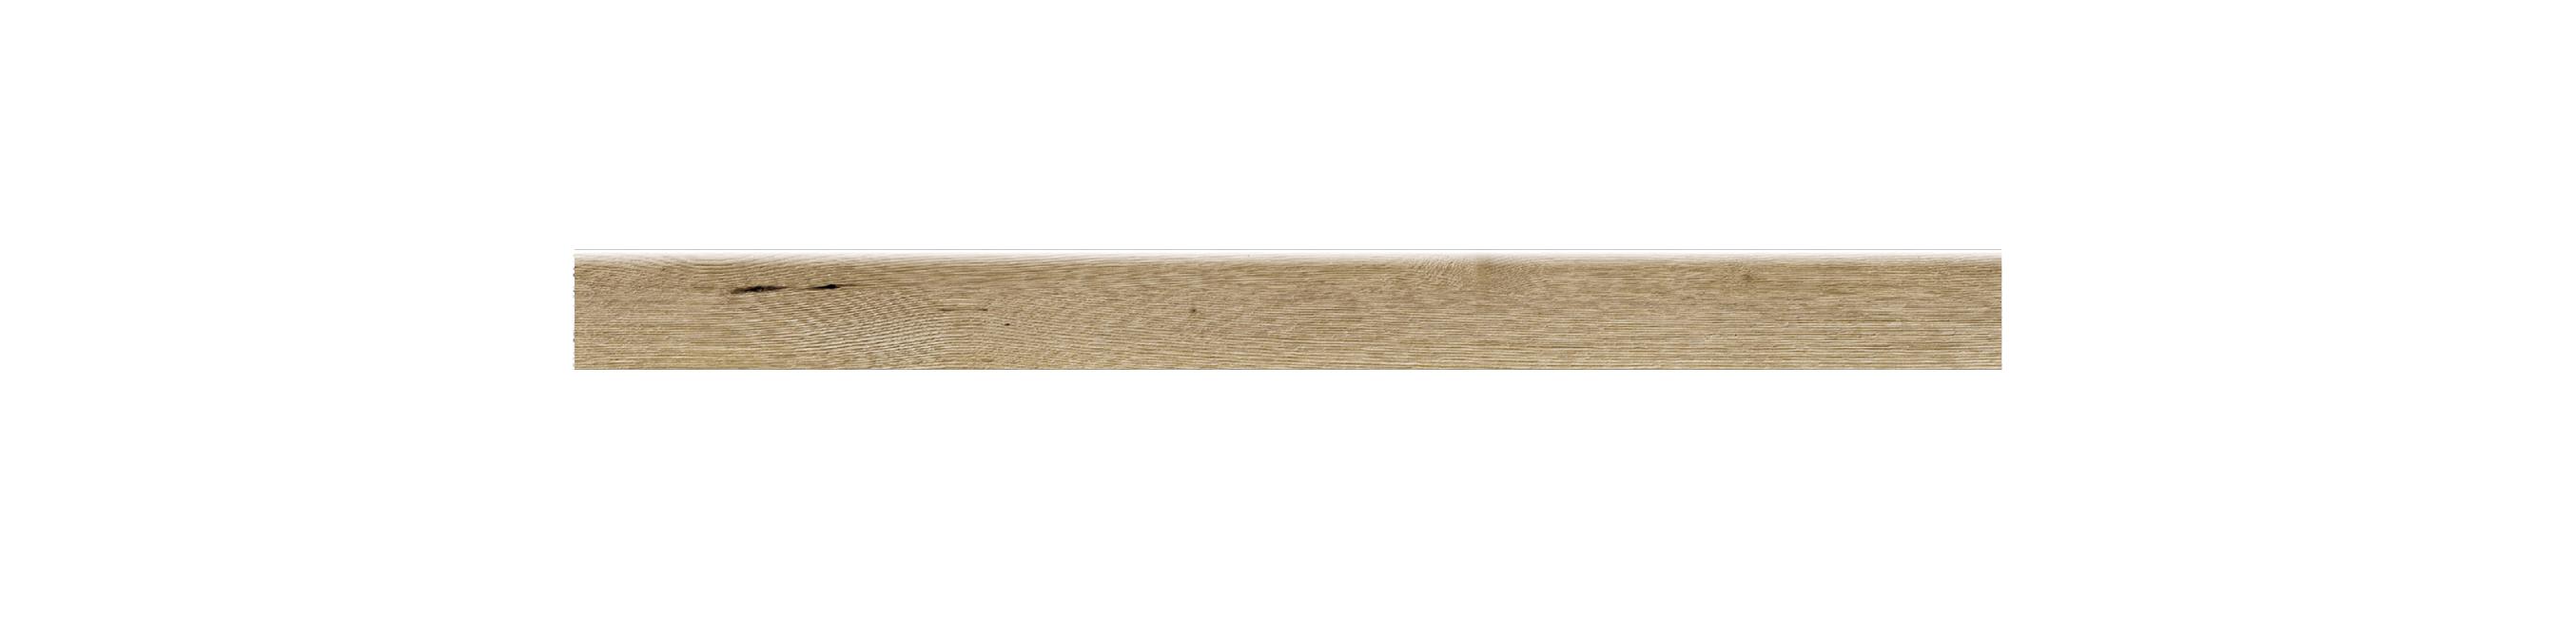 MDF 80mm szegőléc - Arteo / Prestige 893 2,4m - Alcamo (Tikal) tölgy MEGSZŰNŐ